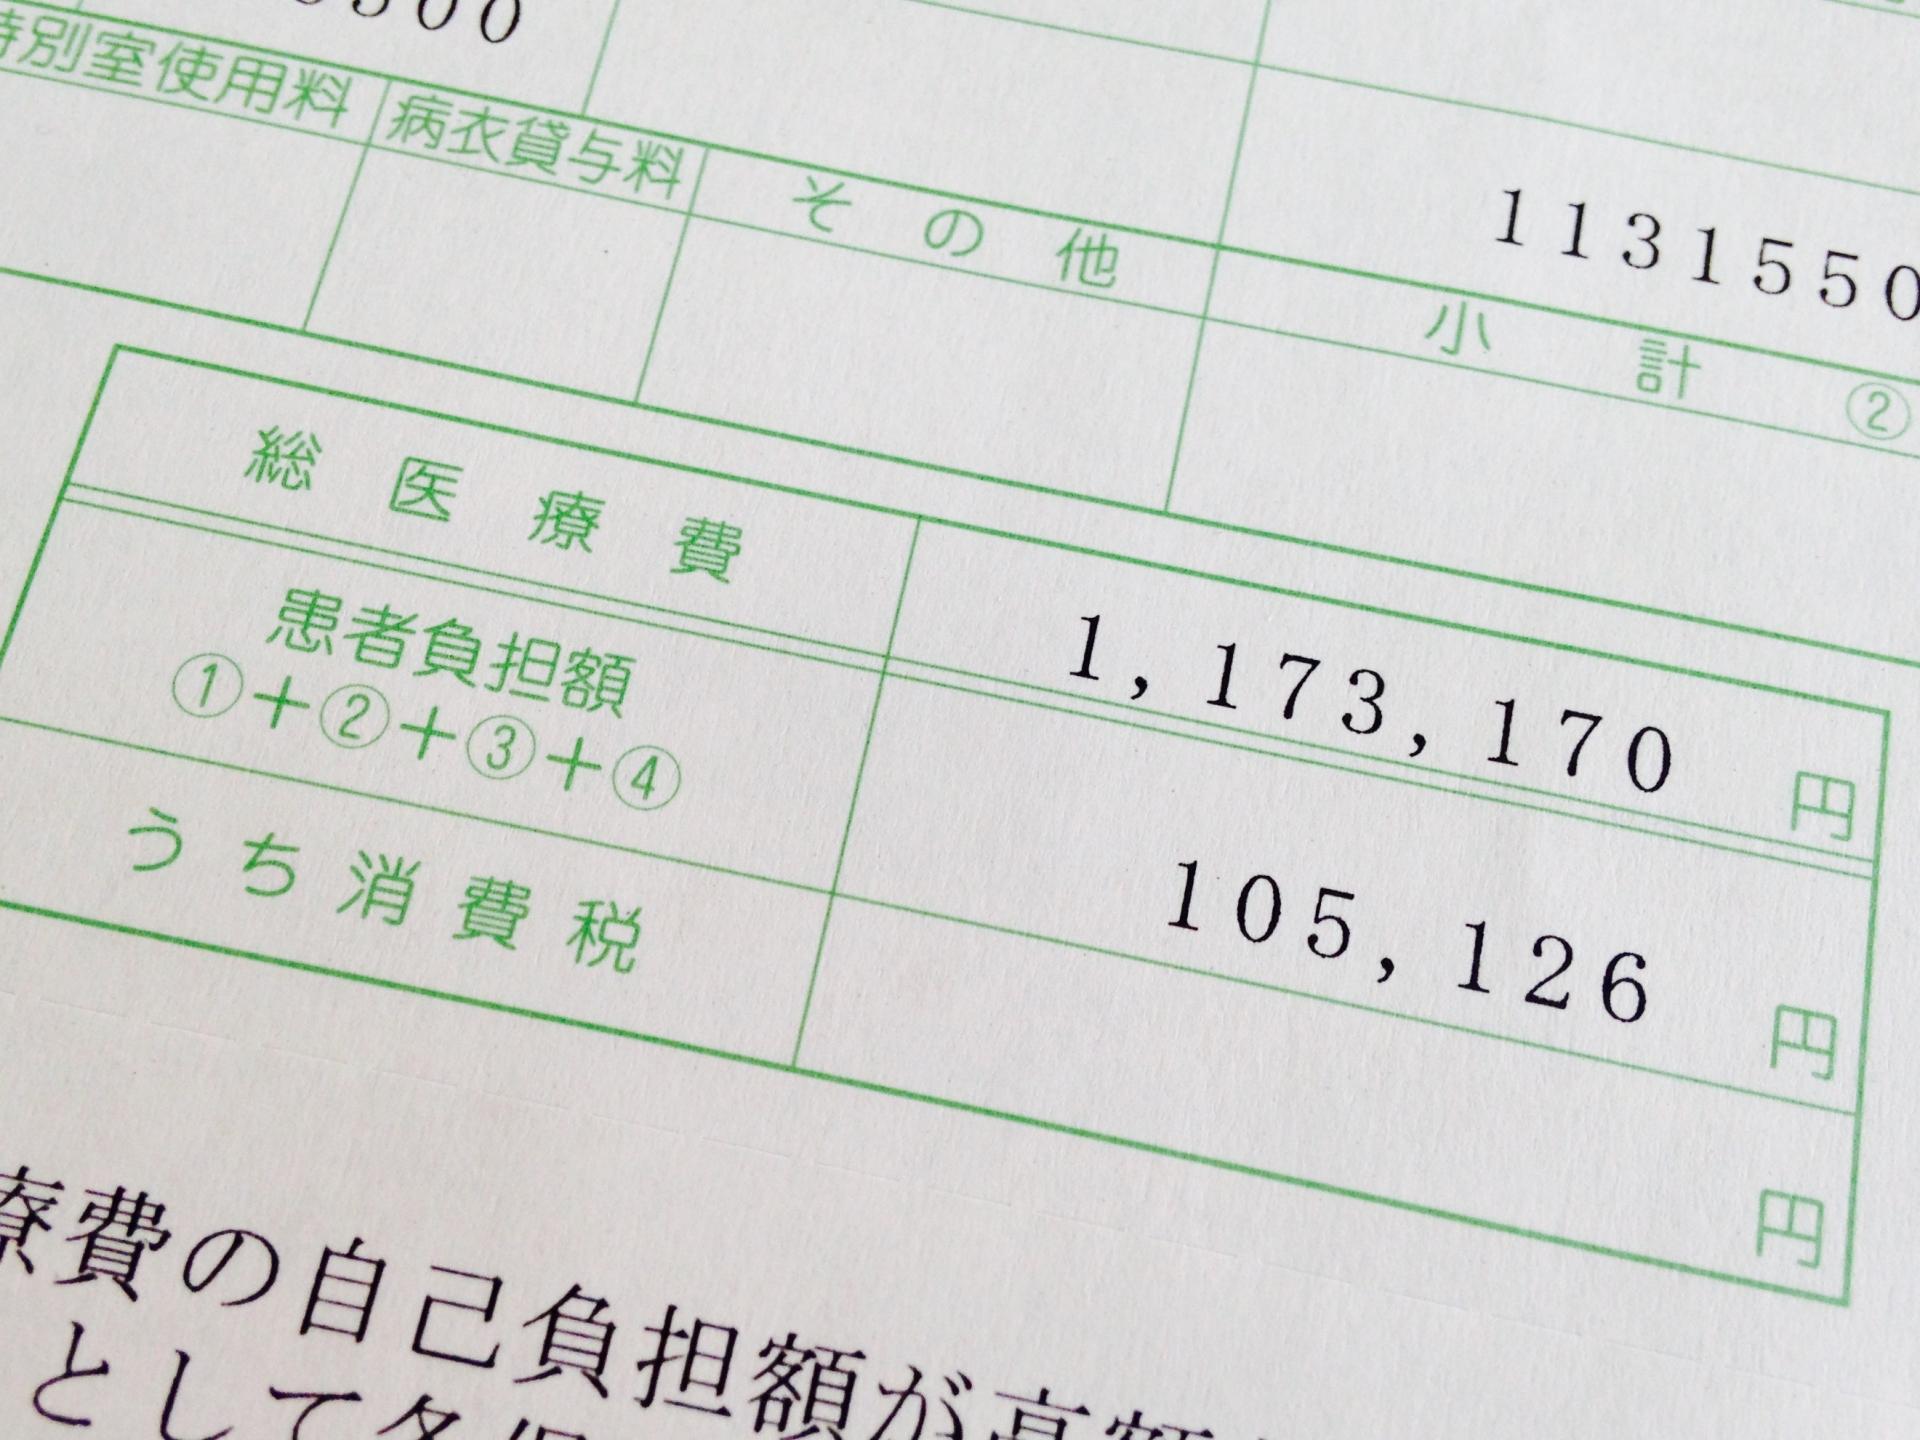 マネセツ020(菱沼)/高額療養費制度【ネスタ選】